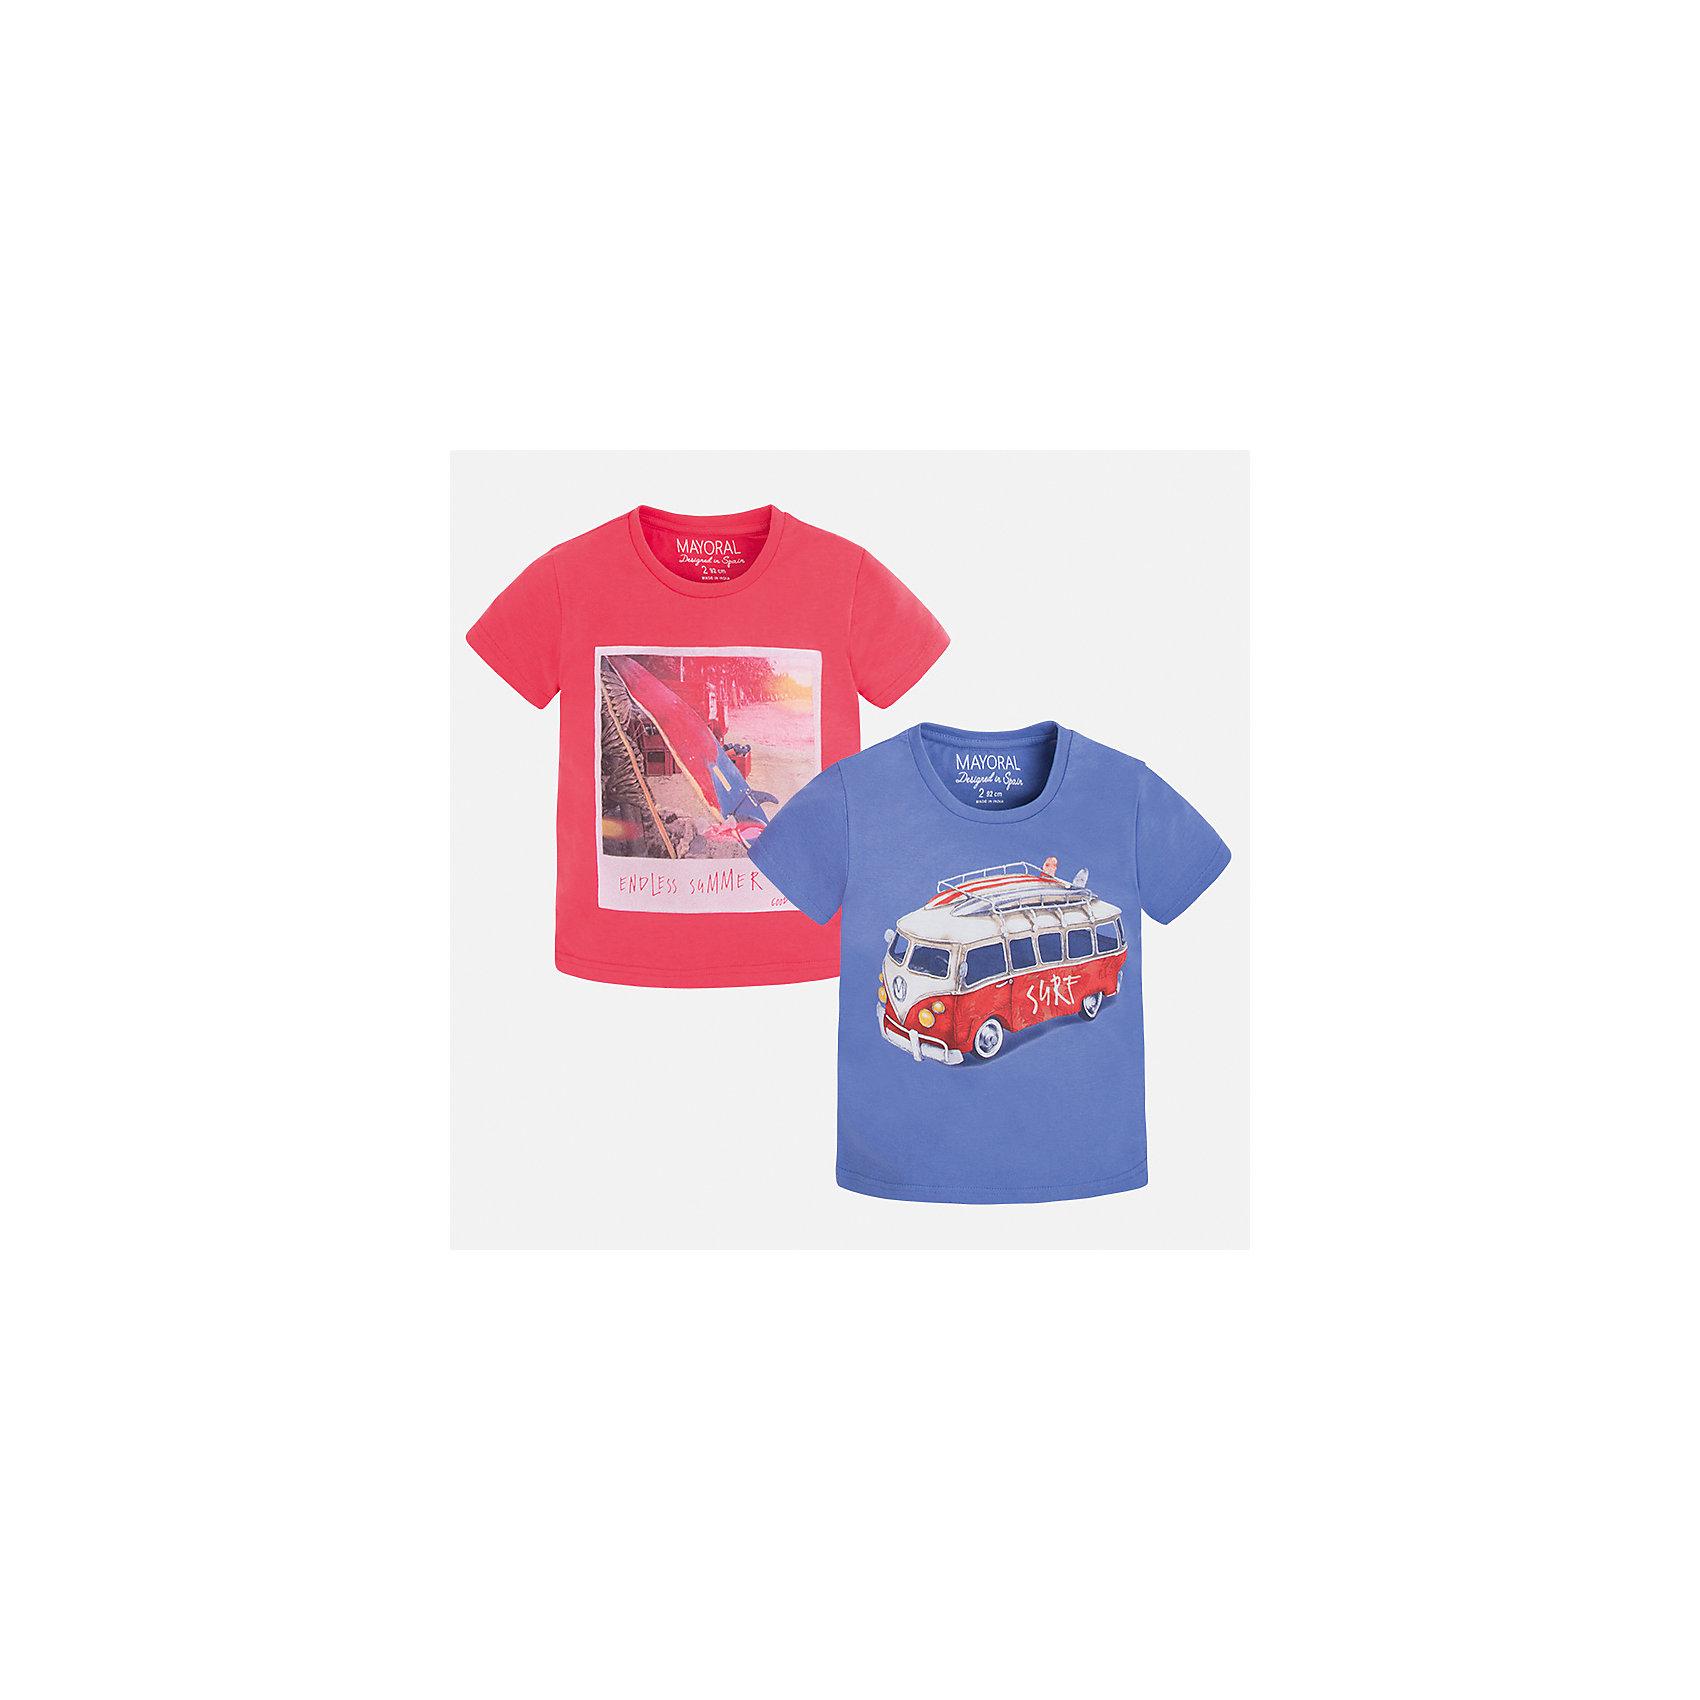 Футболка (2 шт.) для мальчика MayoralФутболки, поло и топы<br>Характеристики товара:<br><br>• цвет: красный/синий<br>• состав: 100% хлопок<br>• комплектация: 2 шт<br>• декорированы рисунком<br>• короткие рукава<br>• отделка горловины<br>• страна бренда: Испания<br><br>Модная удобная футболка с принтом поможет разнообразить гардероб мальчика. Она отлично сочетается с брюками, шортами, джинсами. Универсальный крой и цвет позволяет подобрать к вещи низ разных расцветок. Практичное и стильное изделие! Хорошо смотрится и комфортно сидит на детях. В составе материала - только натуральный хлопок, гипоаллергенный, приятный на ощупь, дышащий. <br><br>Одежда, обувь и аксессуары от испанского бренда Mayoral полюбились детям и взрослым по всему миру. Модели этой марки - стильные и удобные. Для их производства используются только безопасные, качественные материалы и фурнитура. Порадуйте ребенка модными и красивыми вещами от Mayoral! <br><br>Футболку (2 шт.) для мальчика от испанского бренда Mayoral (Майорал) можно купить в нашем интернет-магазине.<br><br>Ширина мм: 230<br>Глубина мм: 40<br>Высота мм: 220<br>Вес г: 250<br>Цвет: красный<br>Возраст от месяцев: 18<br>Возраст до месяцев: 24<br>Пол: Мужской<br>Возраст: Детский<br>Размер: 92,134,128,116,98,110,104,122<br>SKU: 5280147